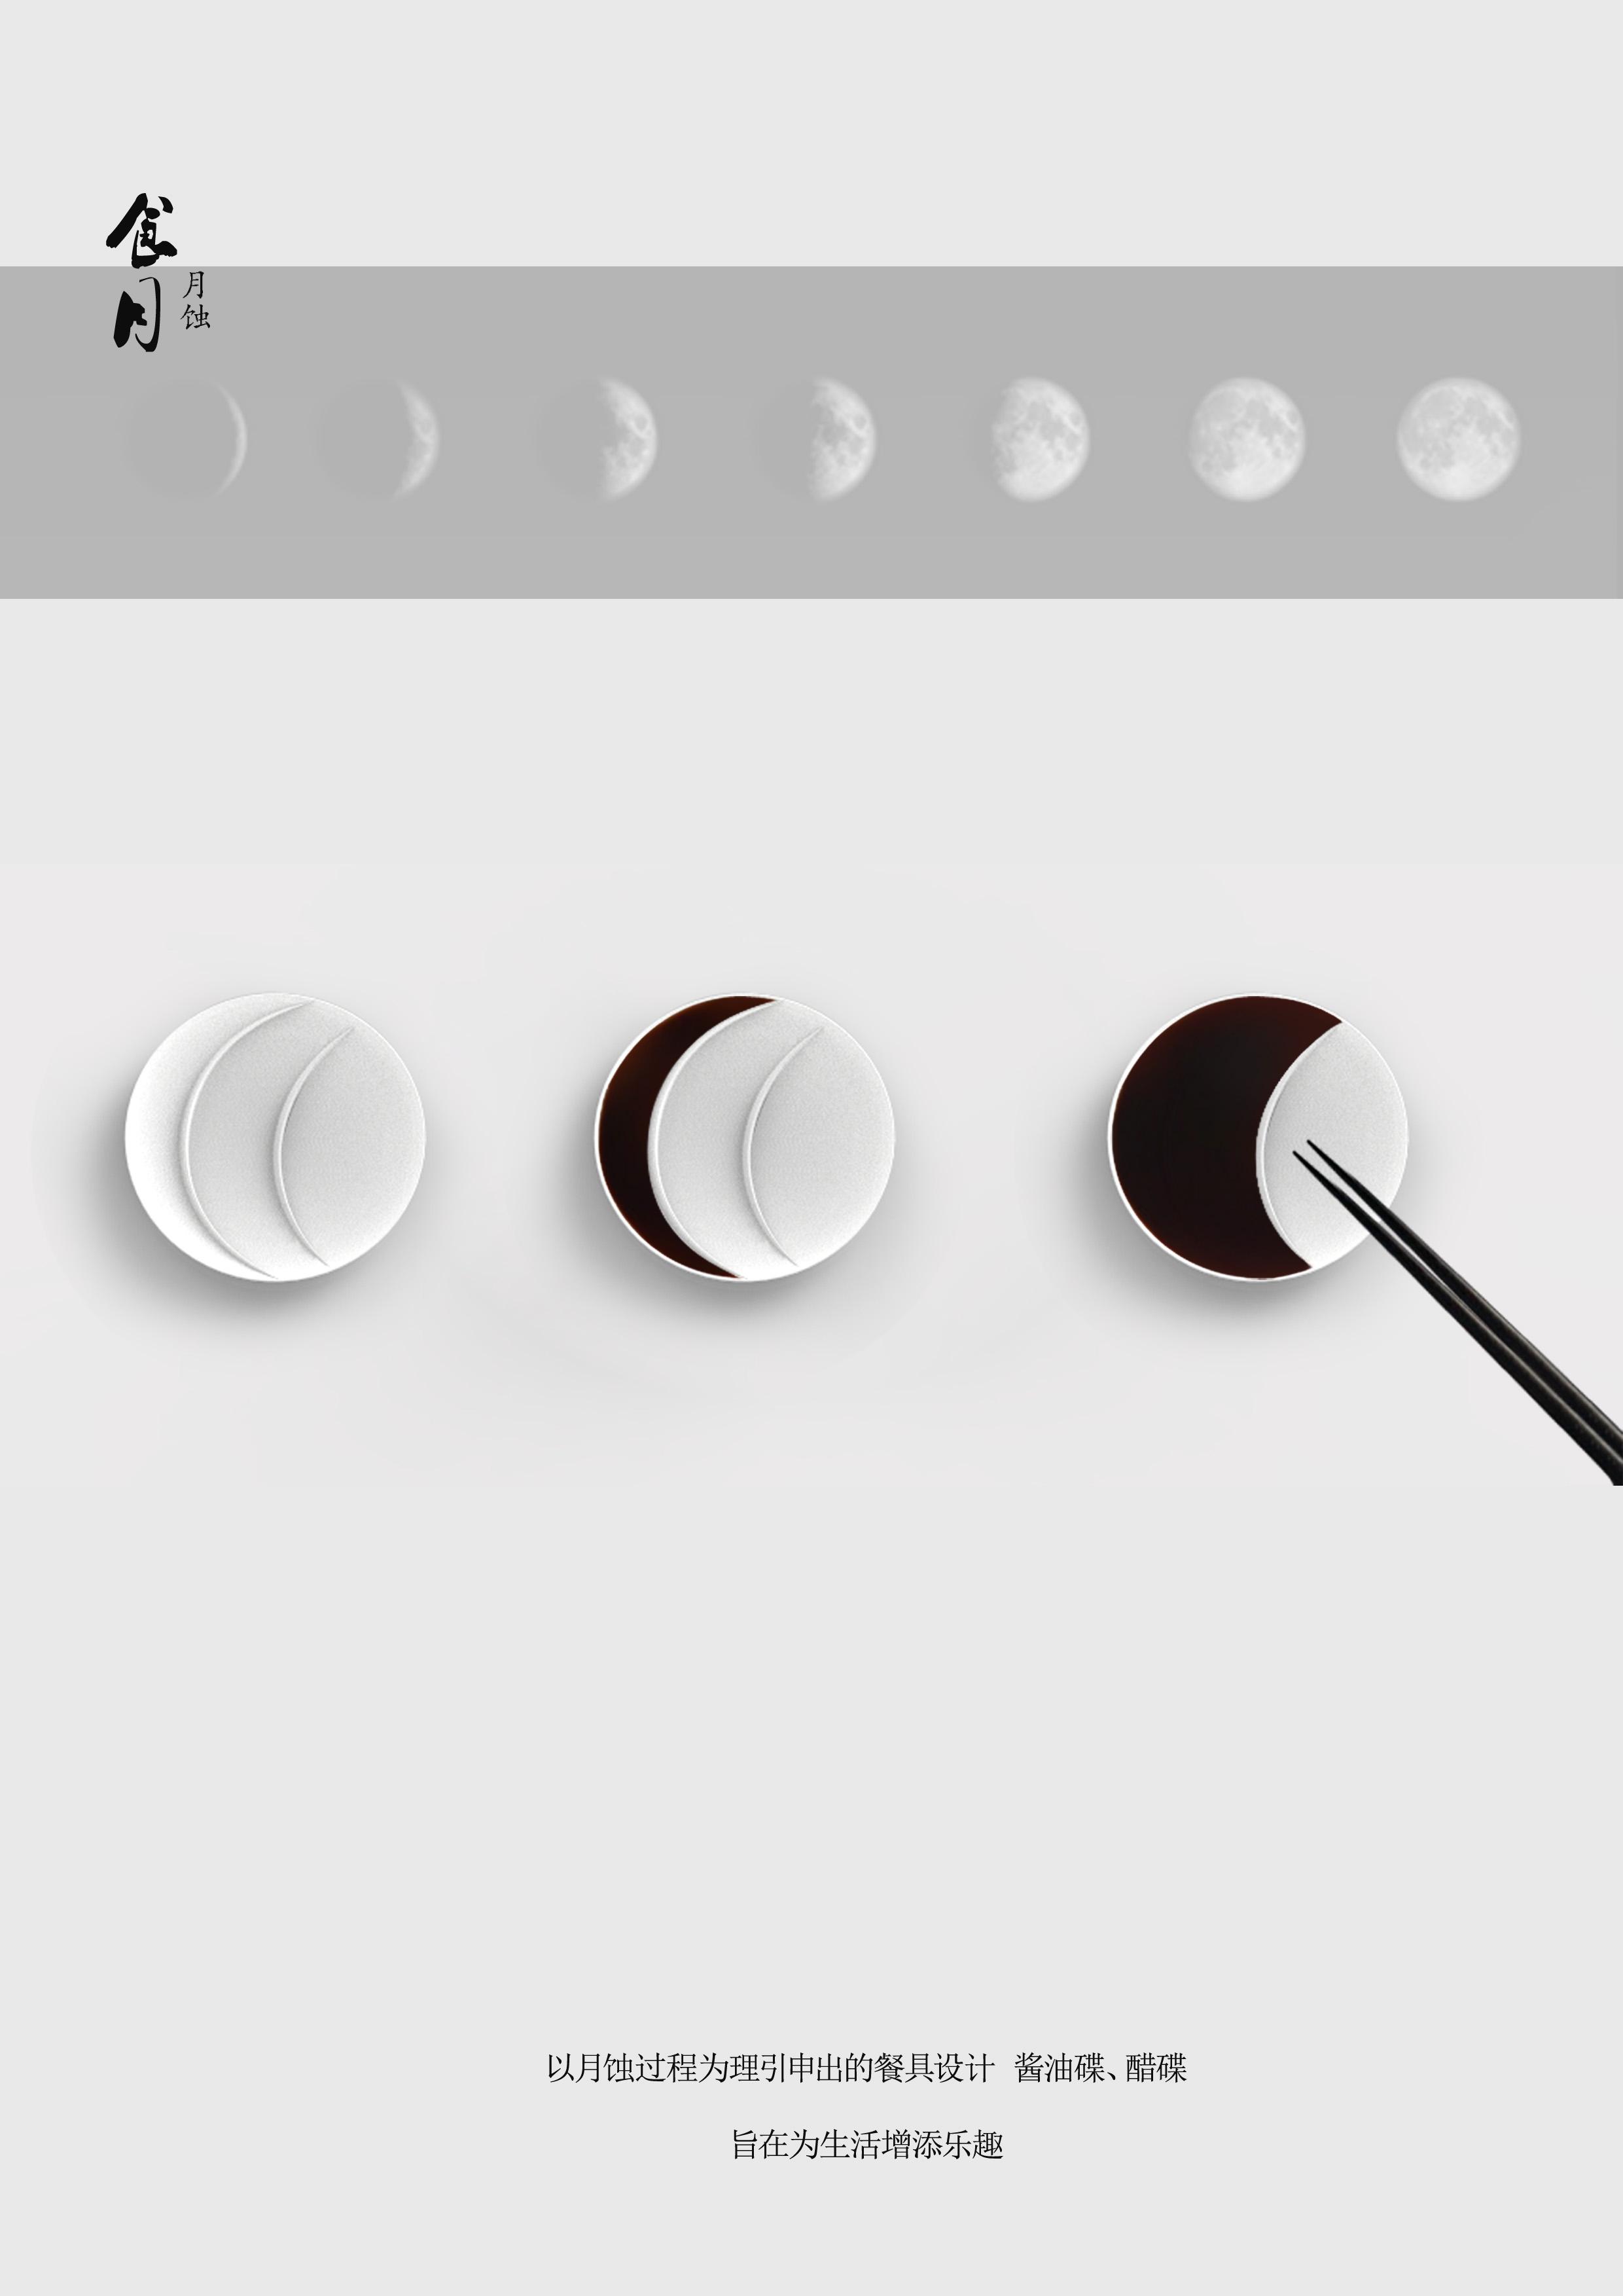 月蚀为题材的产品设计 简单点 赋予生活趣味图片